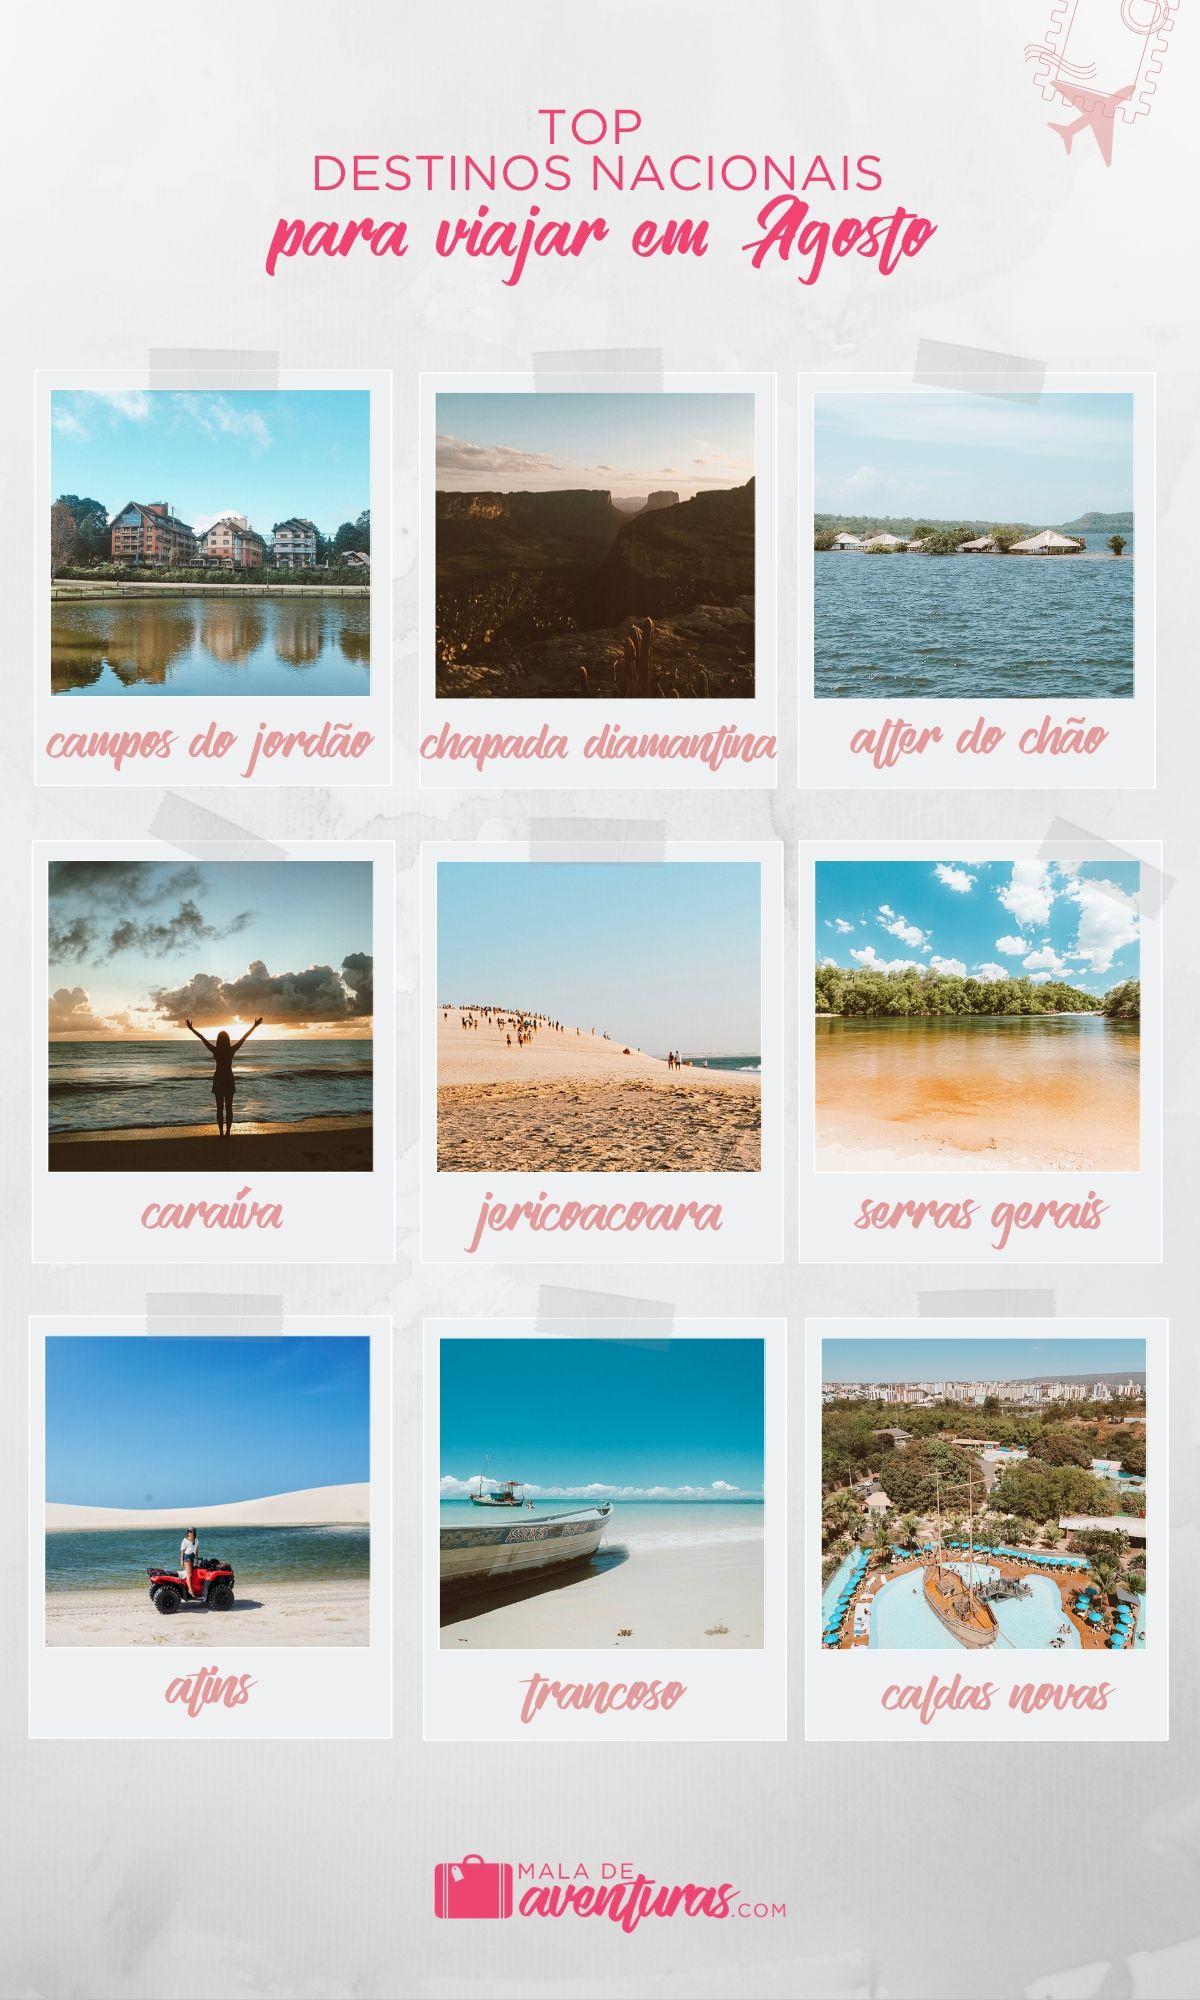 para onde viajar em agosto no brasil